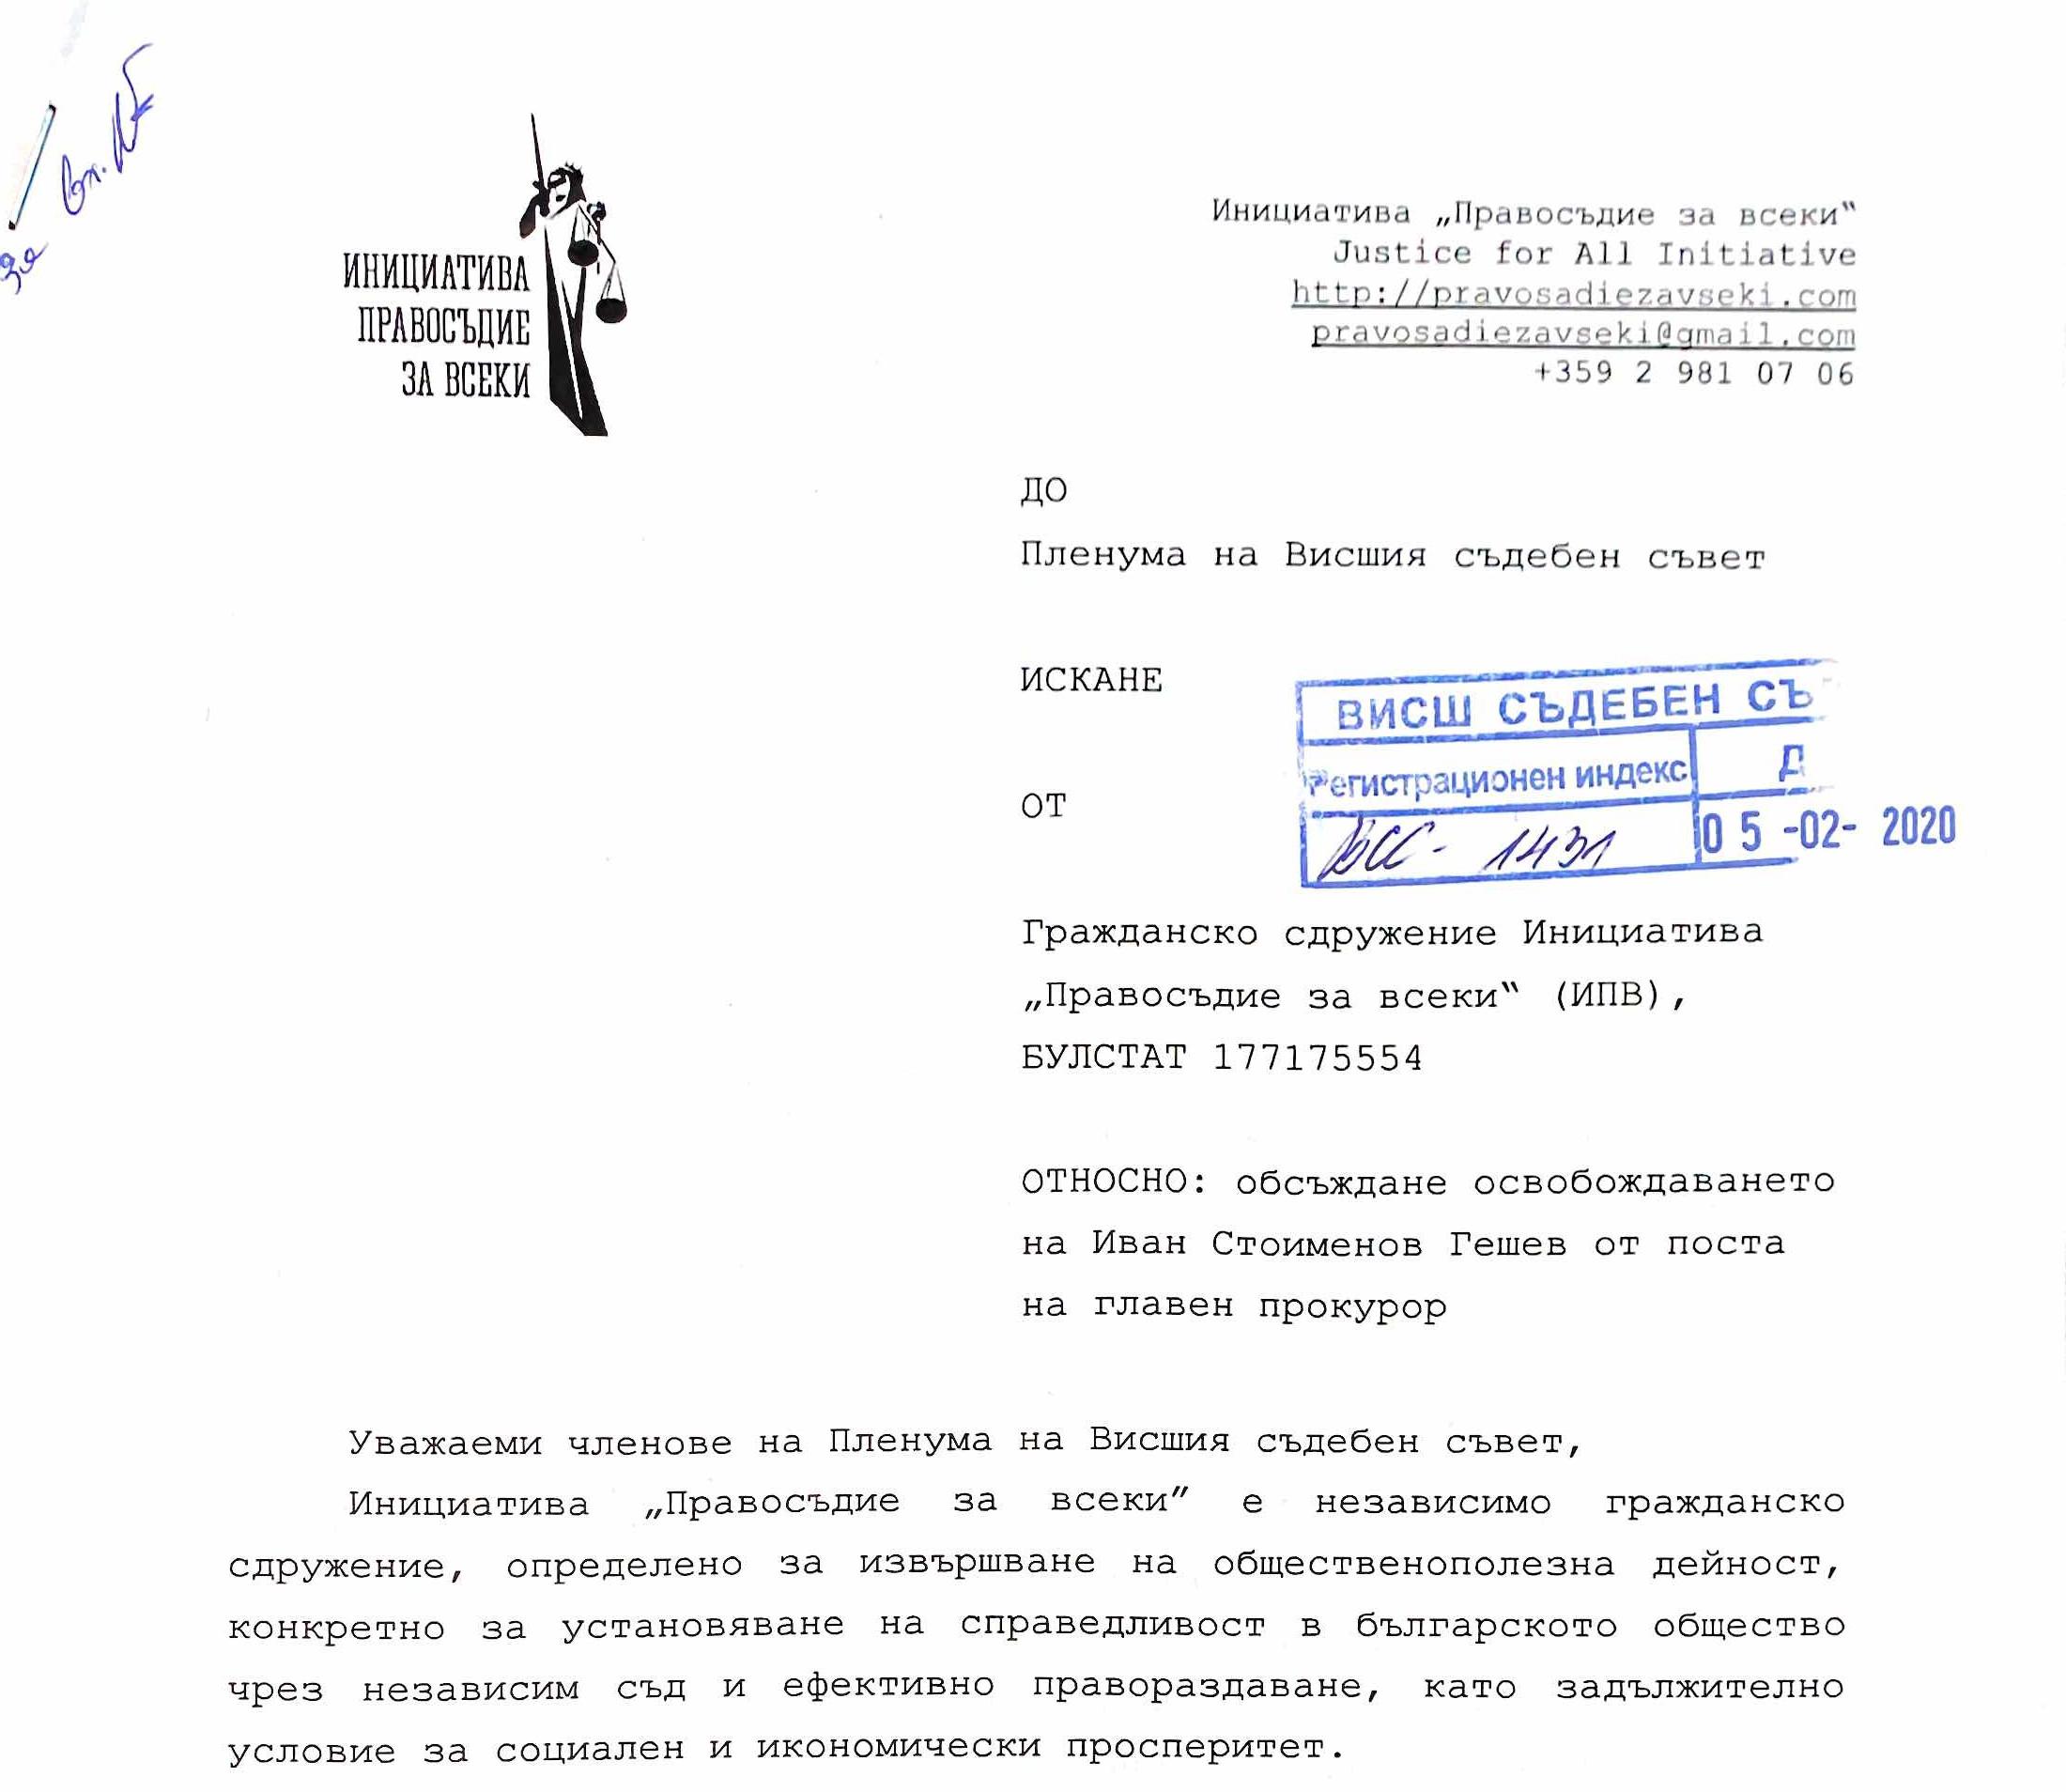 ИПВ искаме ВСС да освободи Гешев от поста главен прокурор